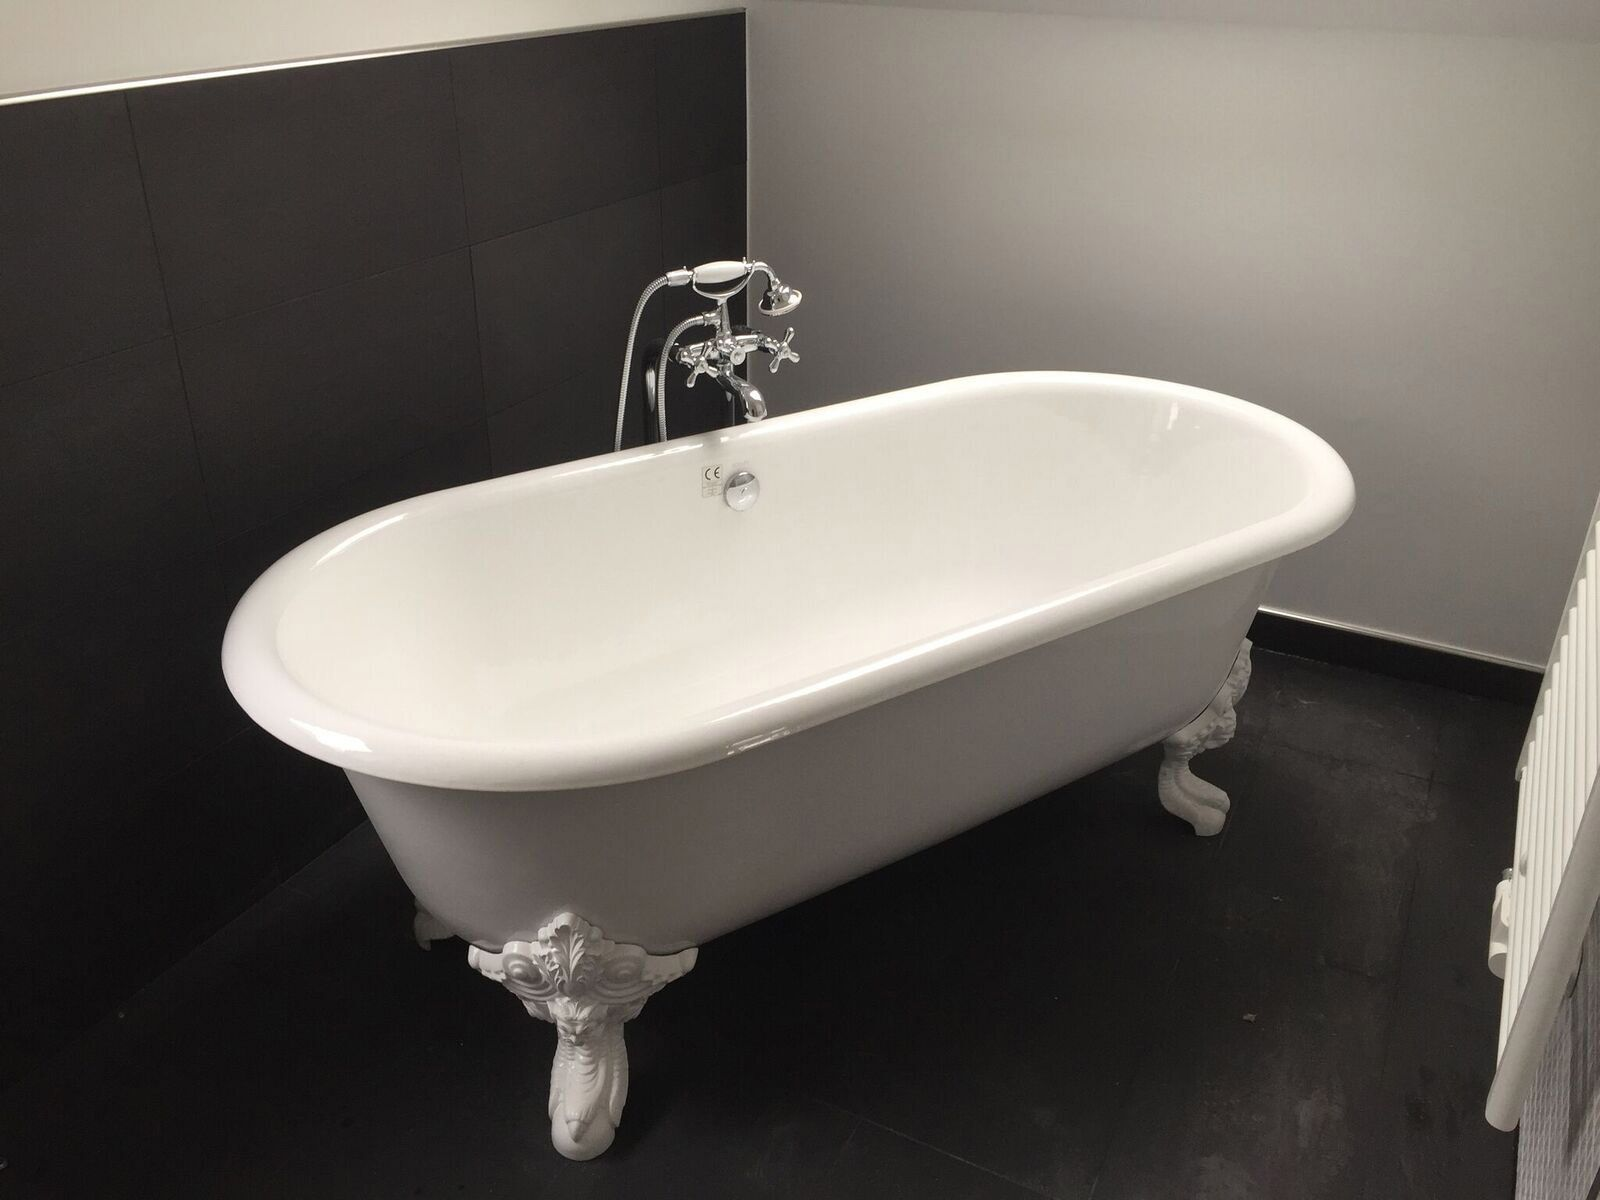 Diese Freistehende Badewanne Ist Das Richtige Fur Menschen Mit Besonderem Geschmack Die Barocken Fusse Und Freistehende Badewanne Badewanne Freistehende Wanne